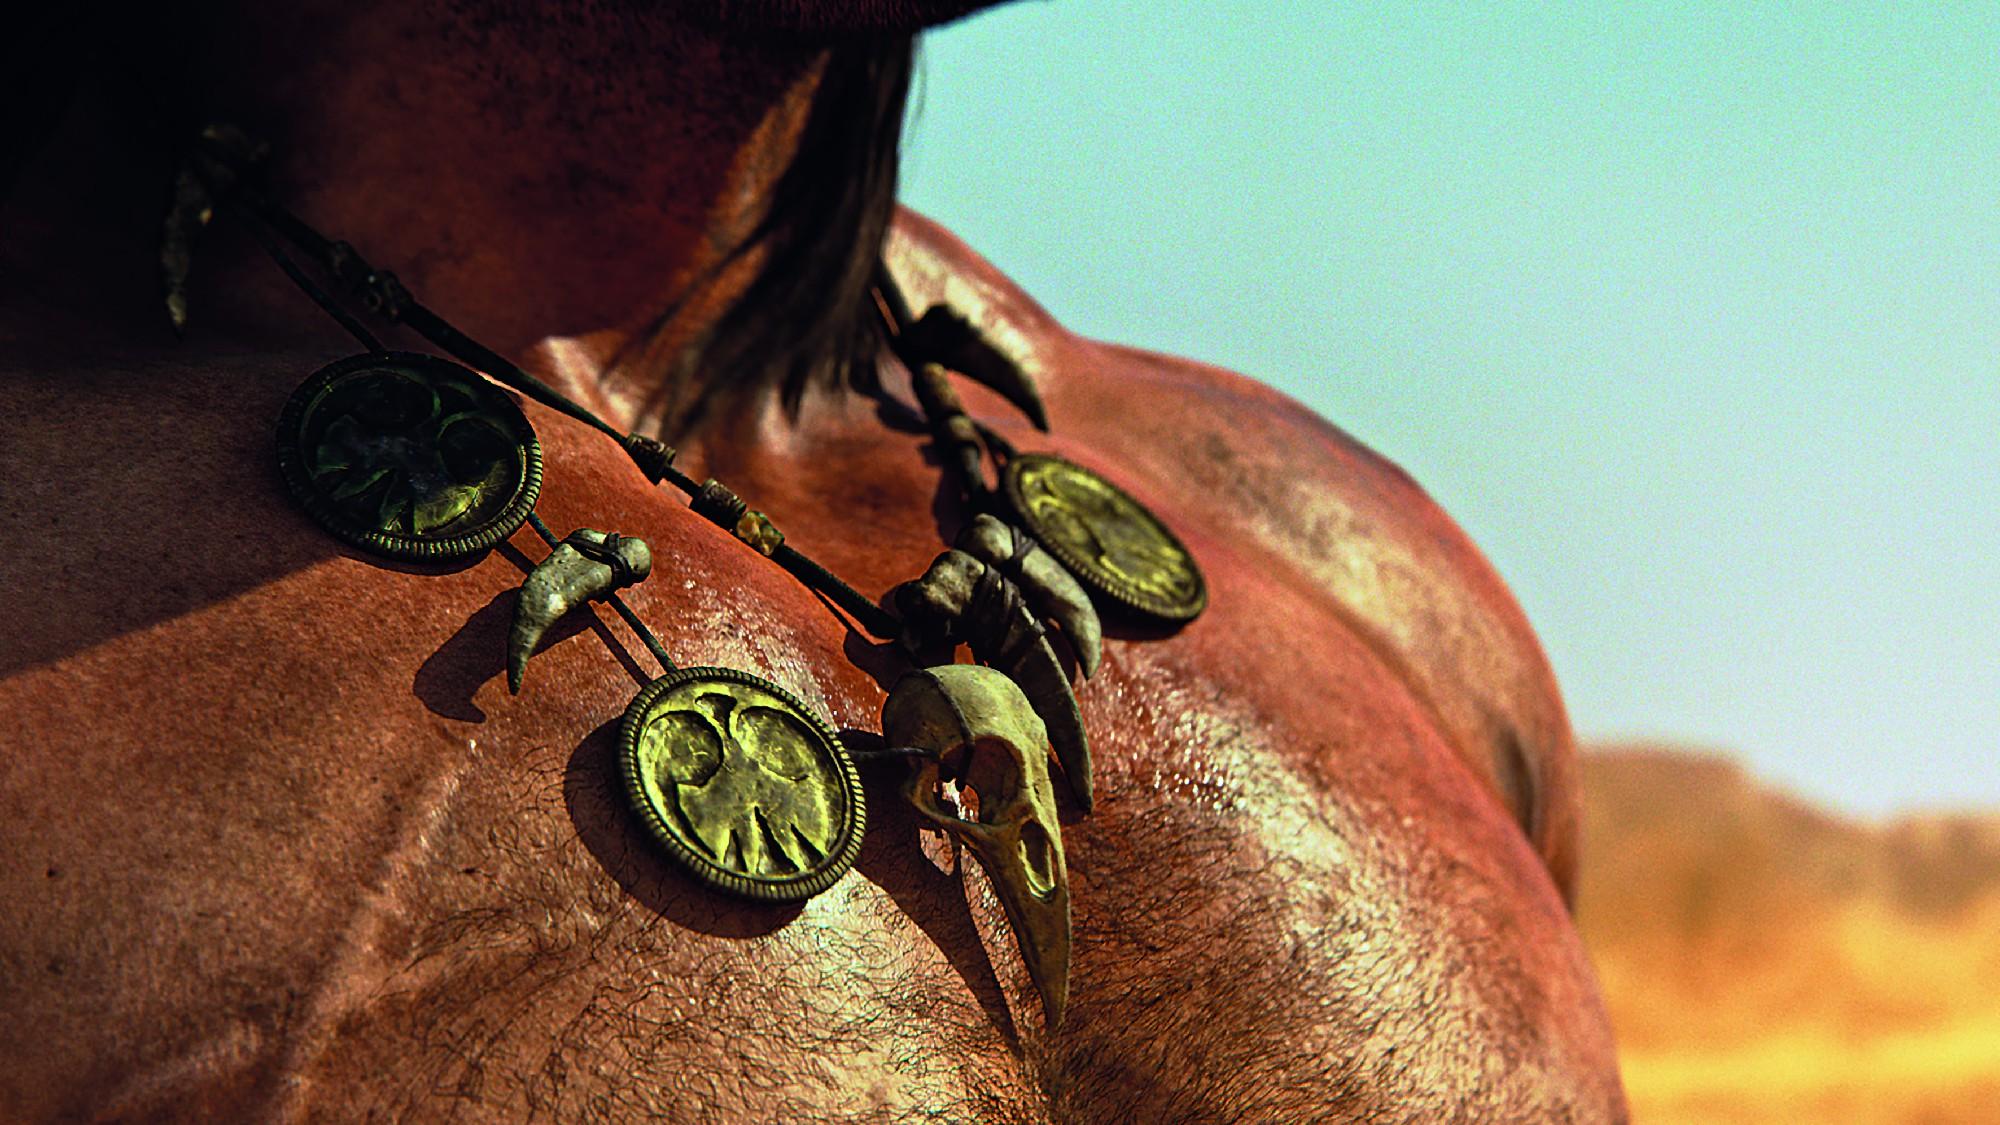 Für einen realistischen Look der Haut arbeitete das Team mit Skin Scattering.